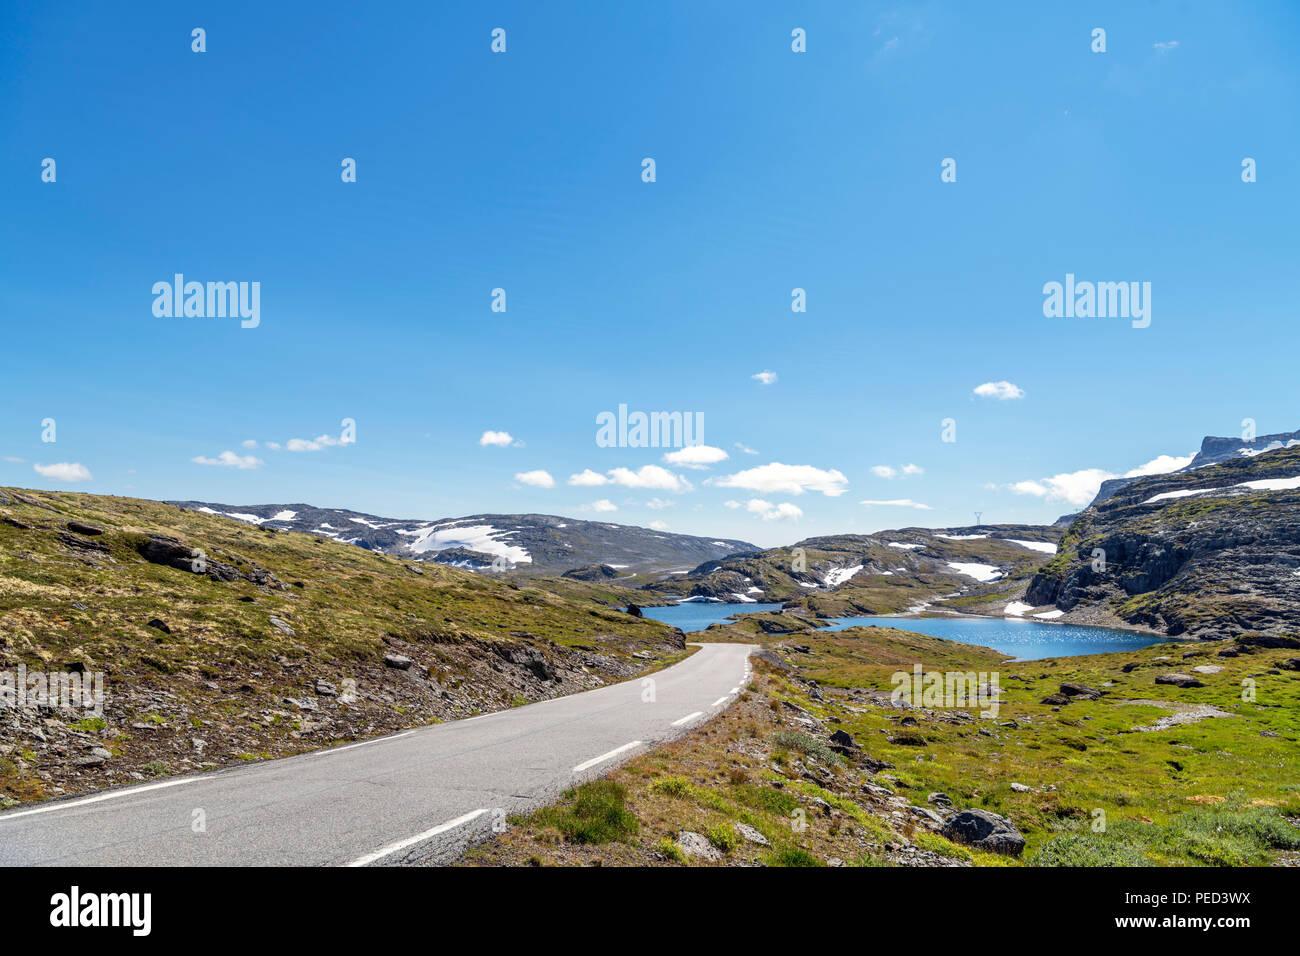 The high altitude Aurlandsfjellet road (Fylkesvei 243) between Aurland and Lærdalsøyri, Sogn og Fjordane, Norway - Stock Image